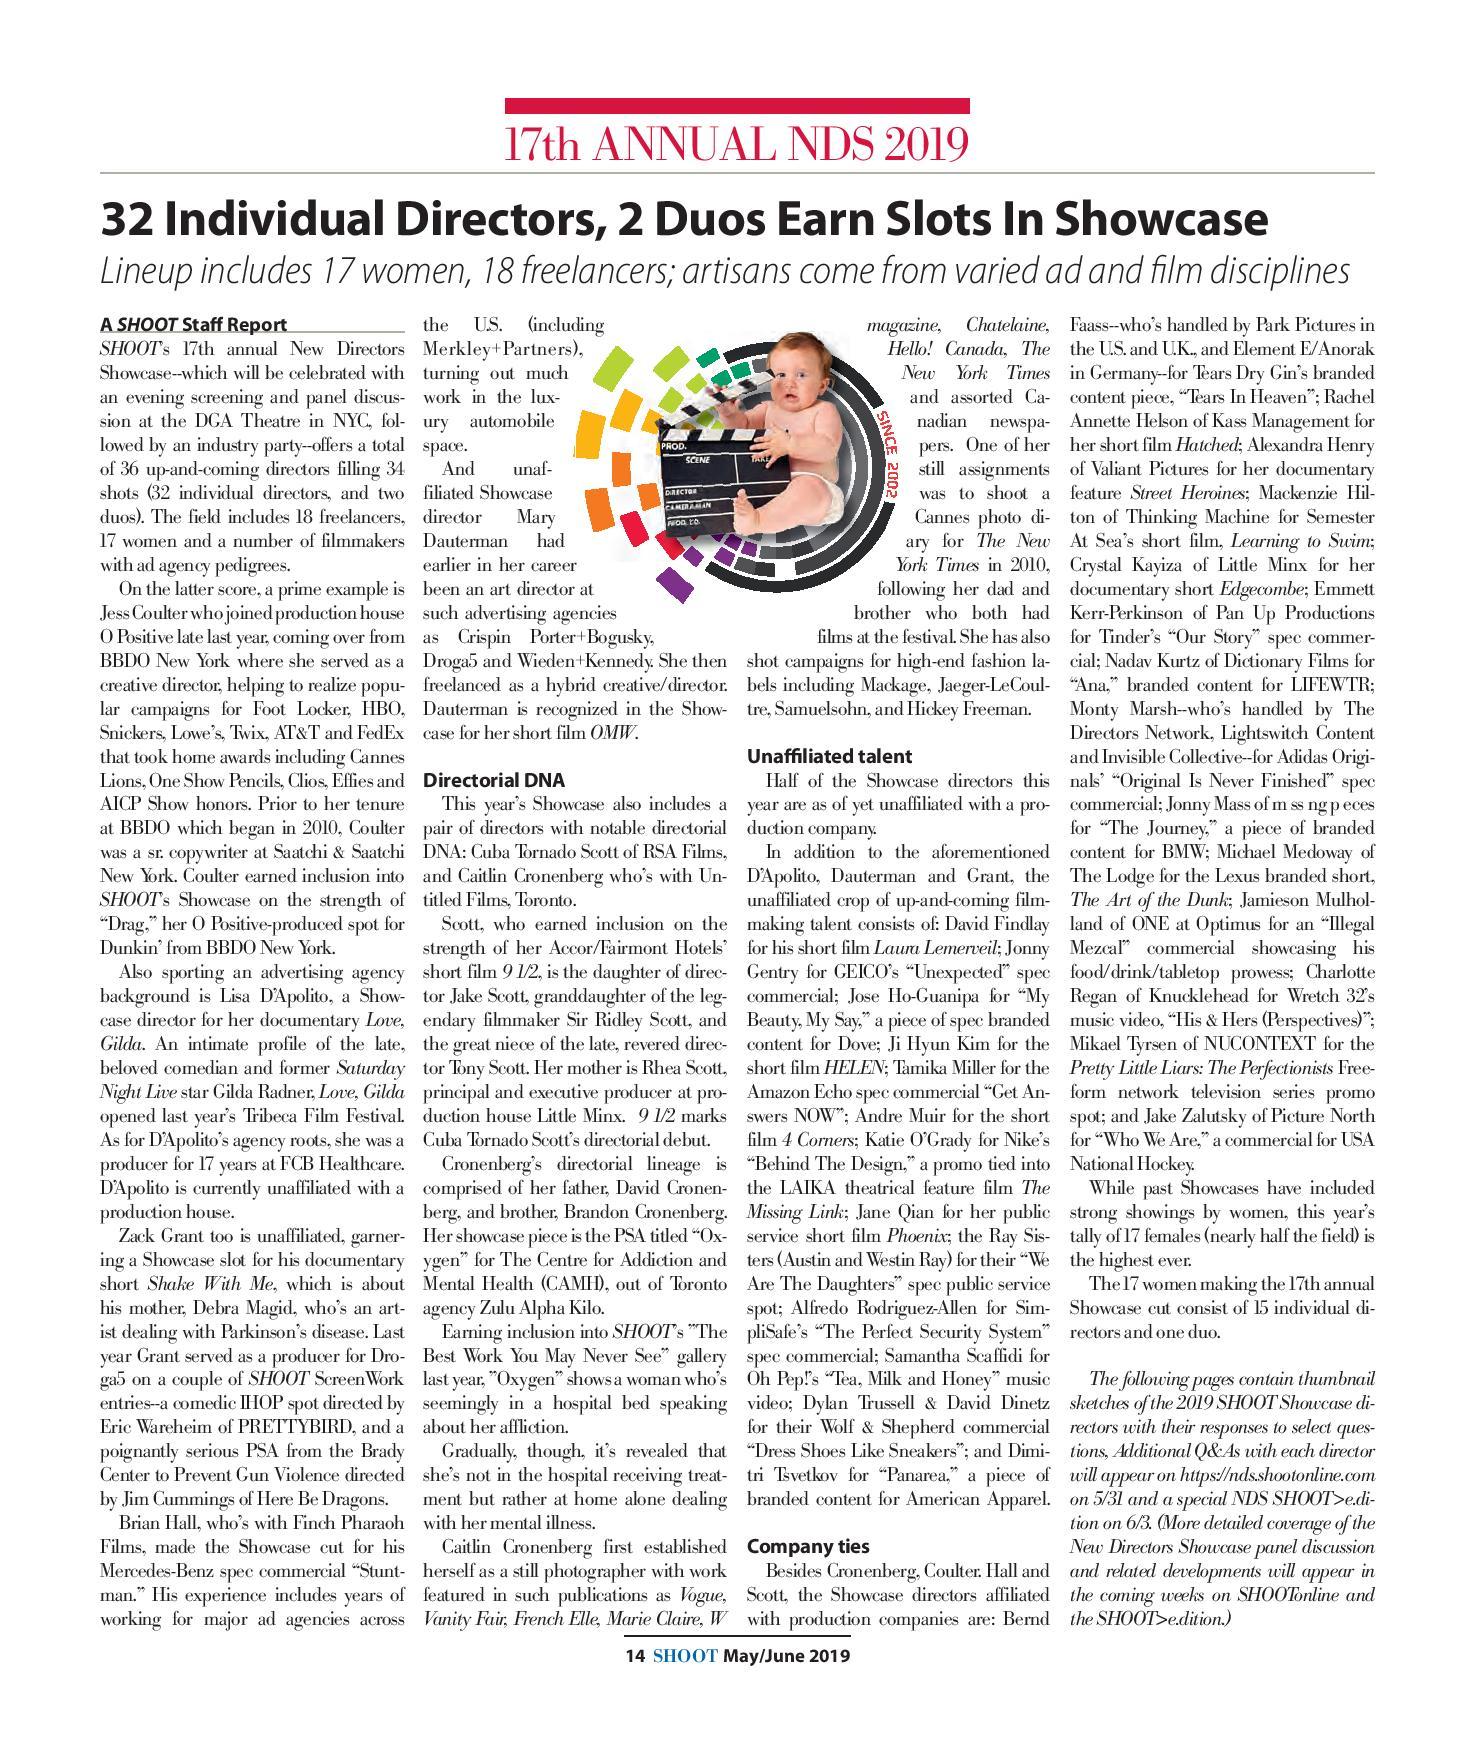 shoot_may-june_2019_edition-page-014.jpg